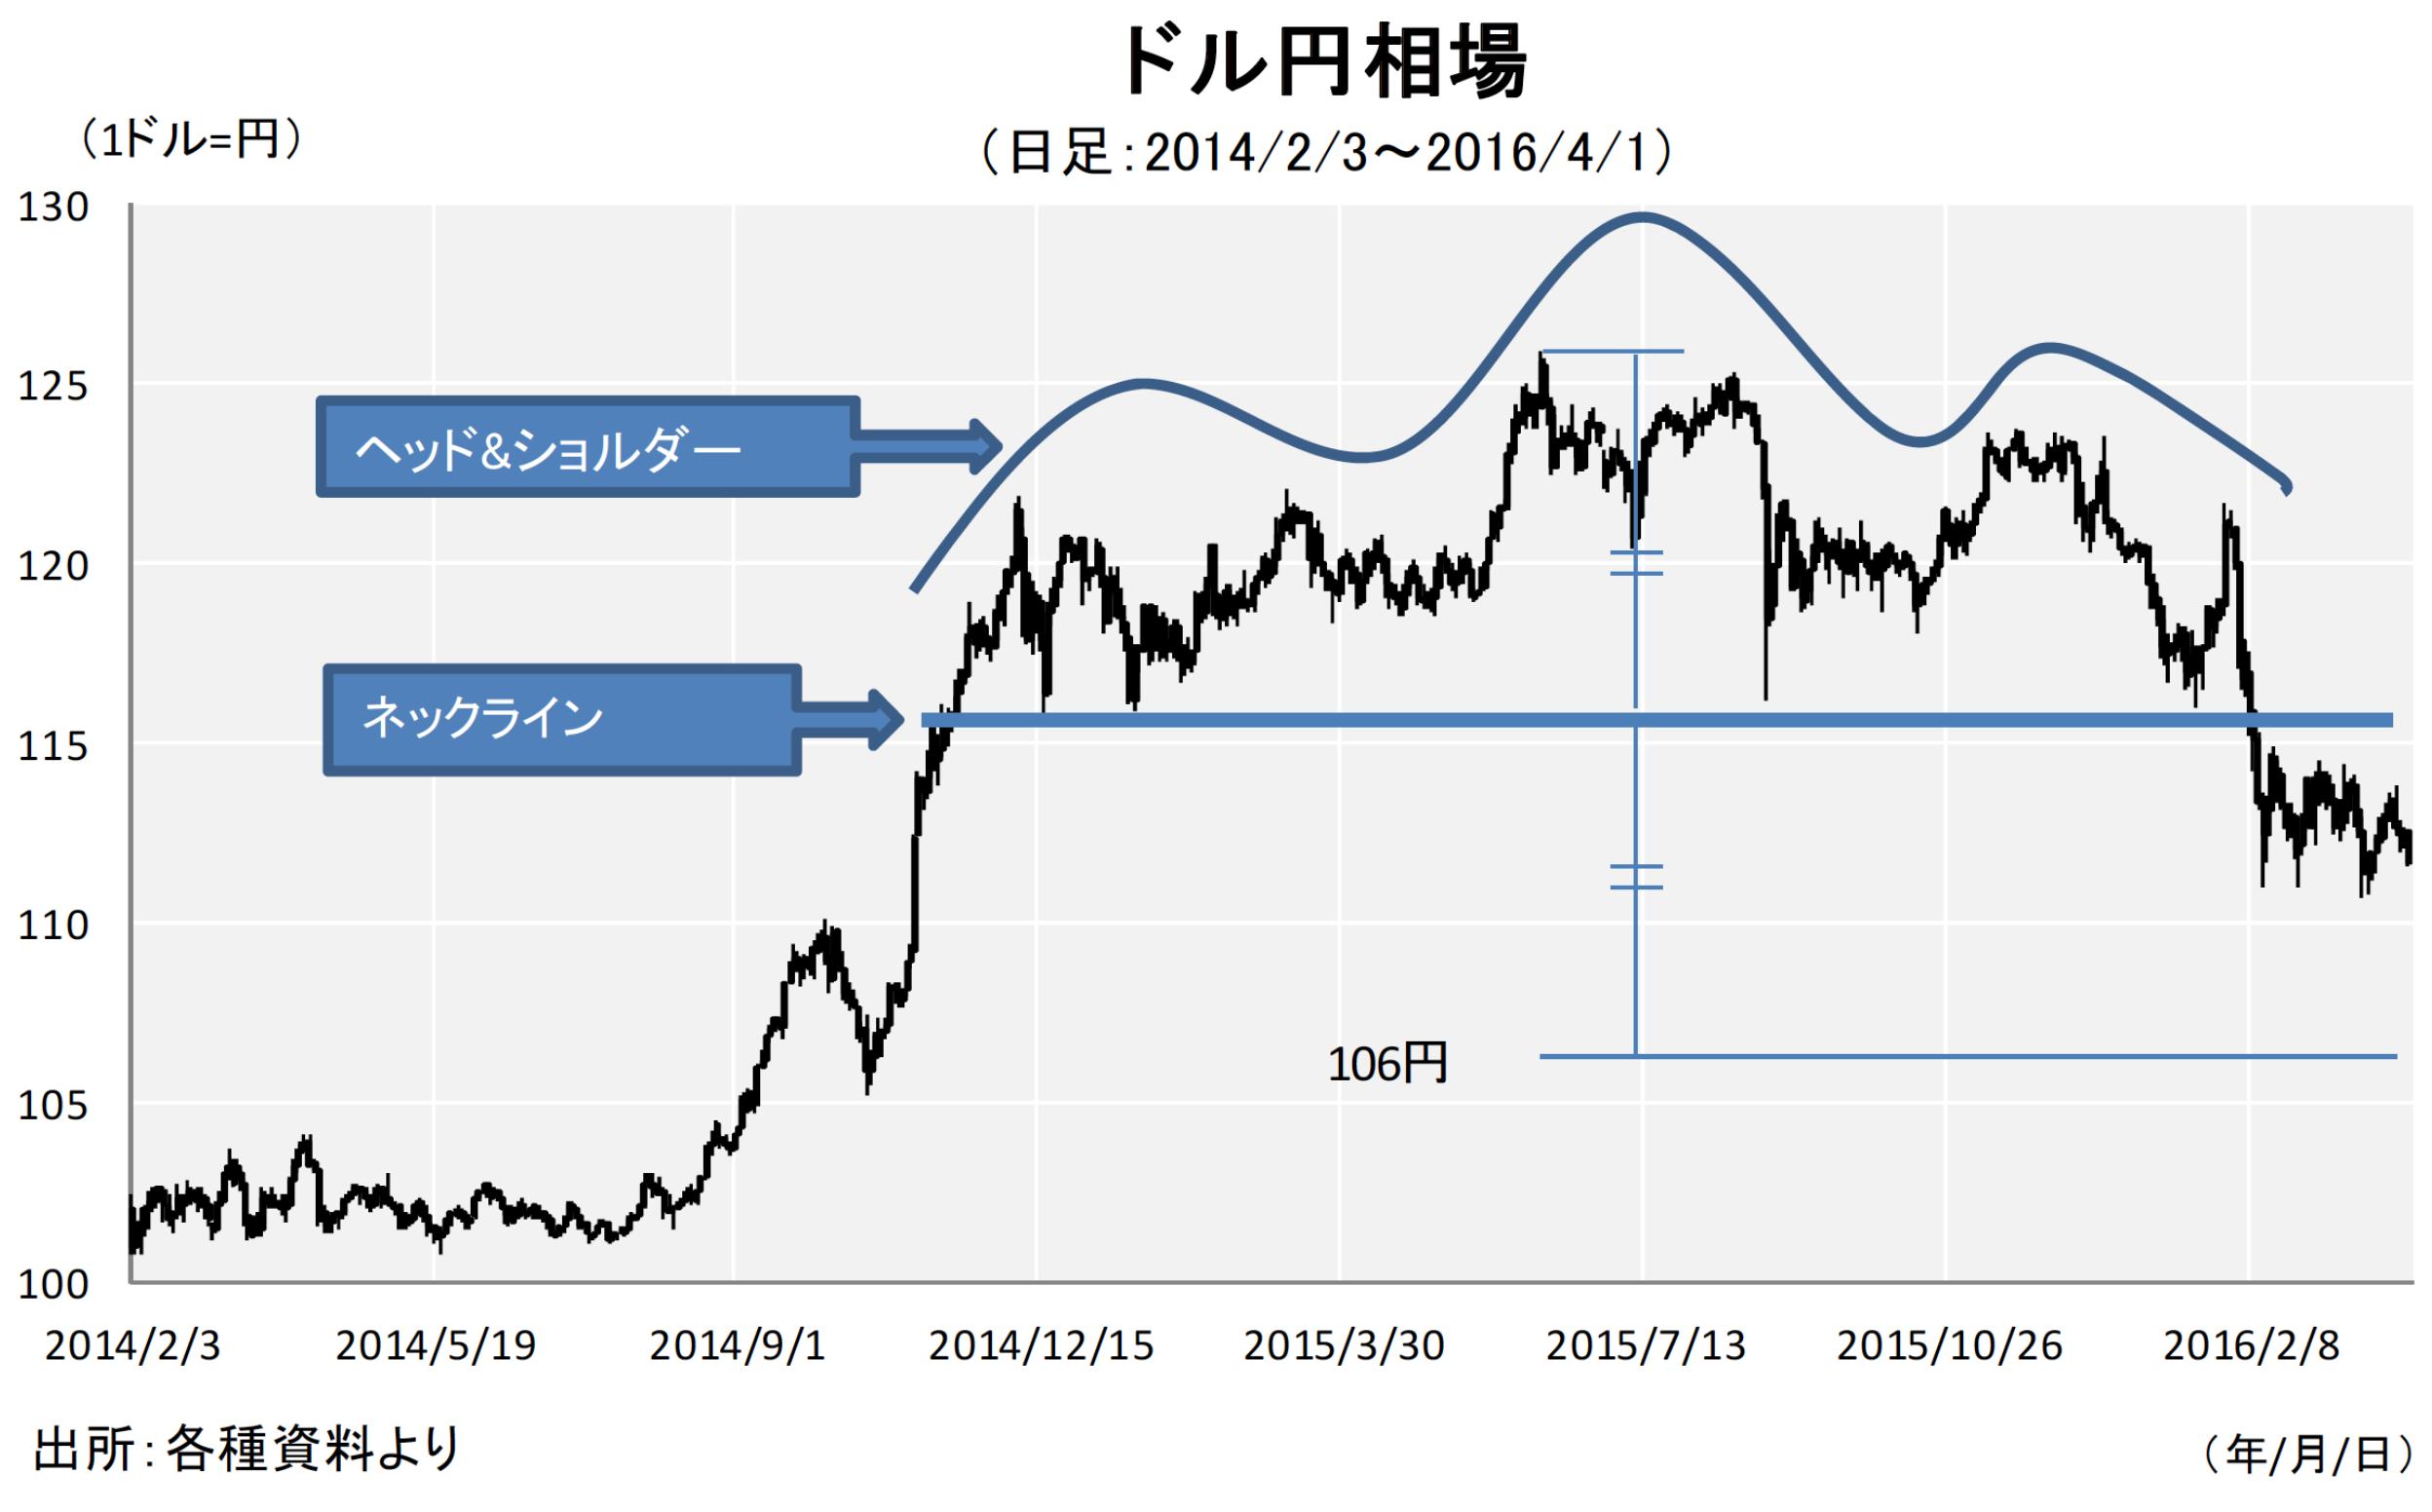 【図2】ドル円、約1年5ヶ月ぶりの安値を更新、110円割れ